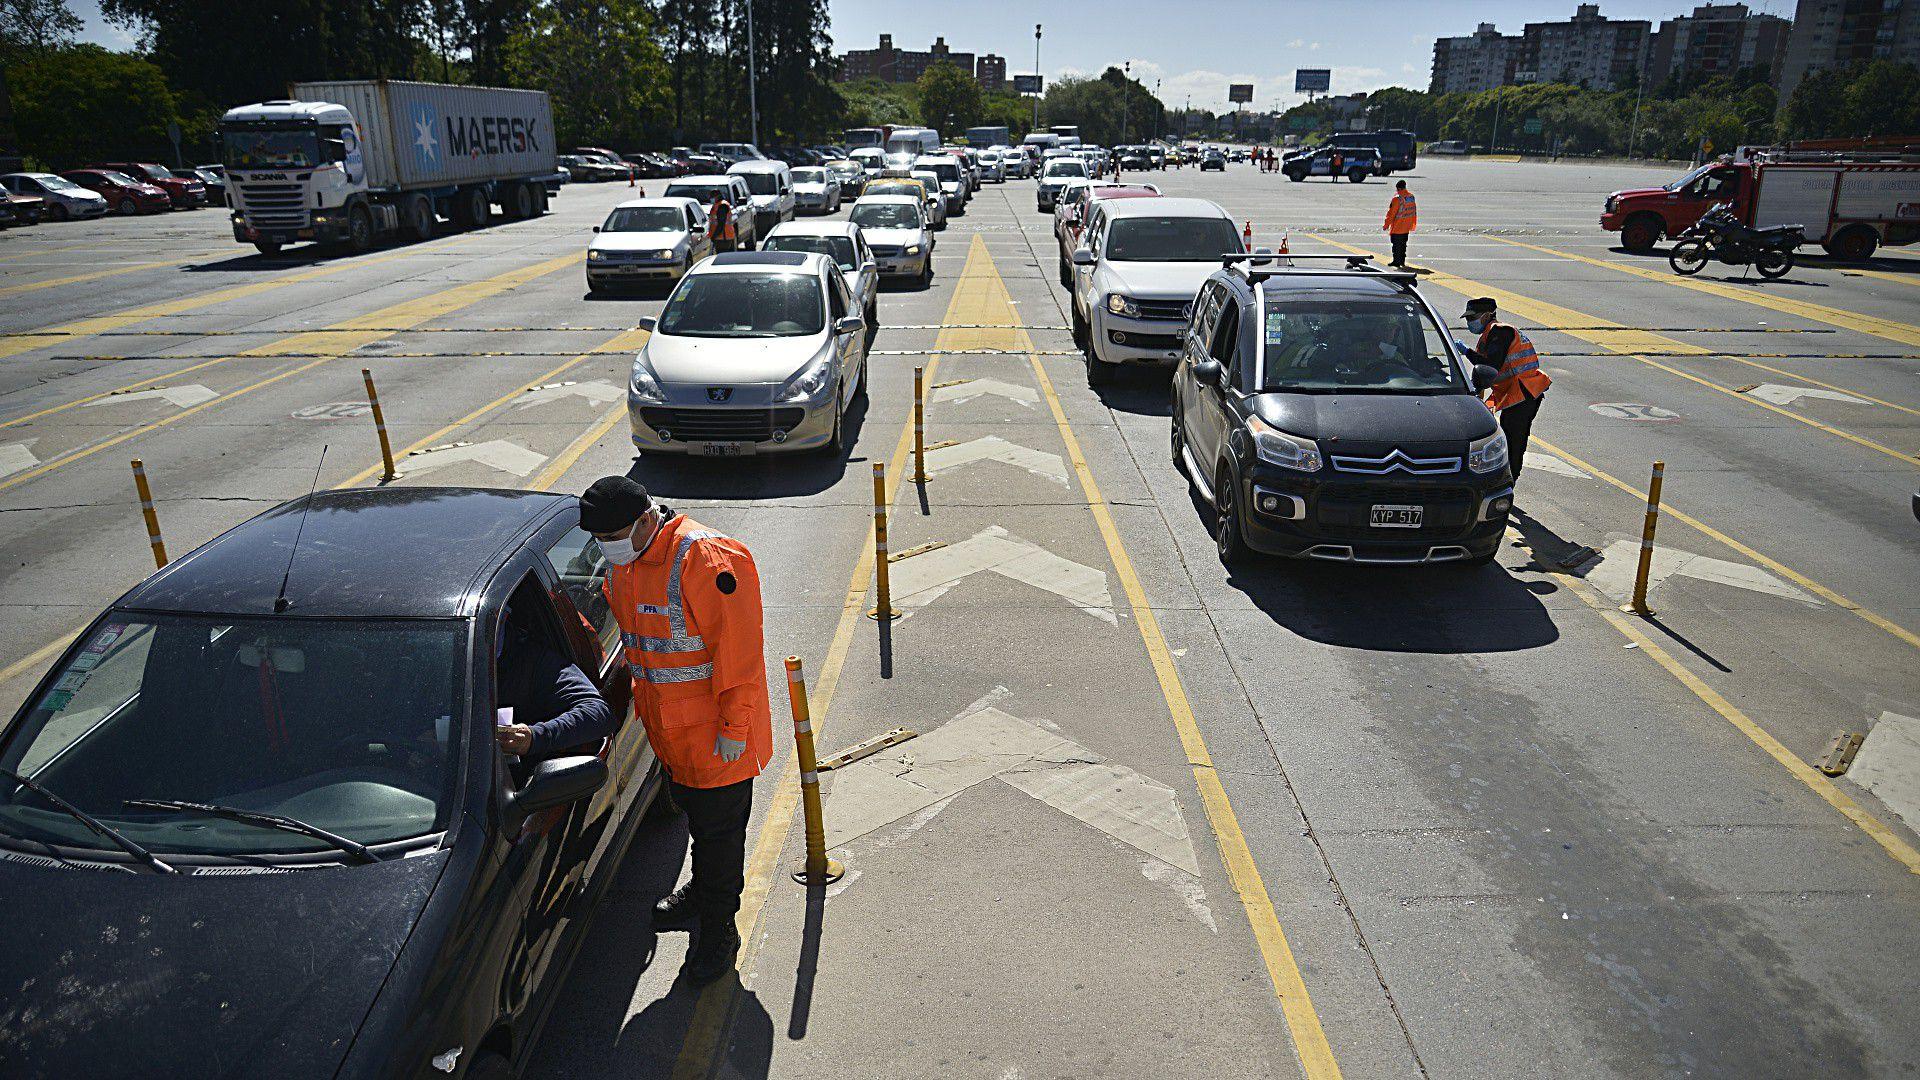 Nuevo control de transito - vehiculos secuetrados - Autopista Ricchieri - General Paz - autos motos camiones - policia - cuarentena coronavirus